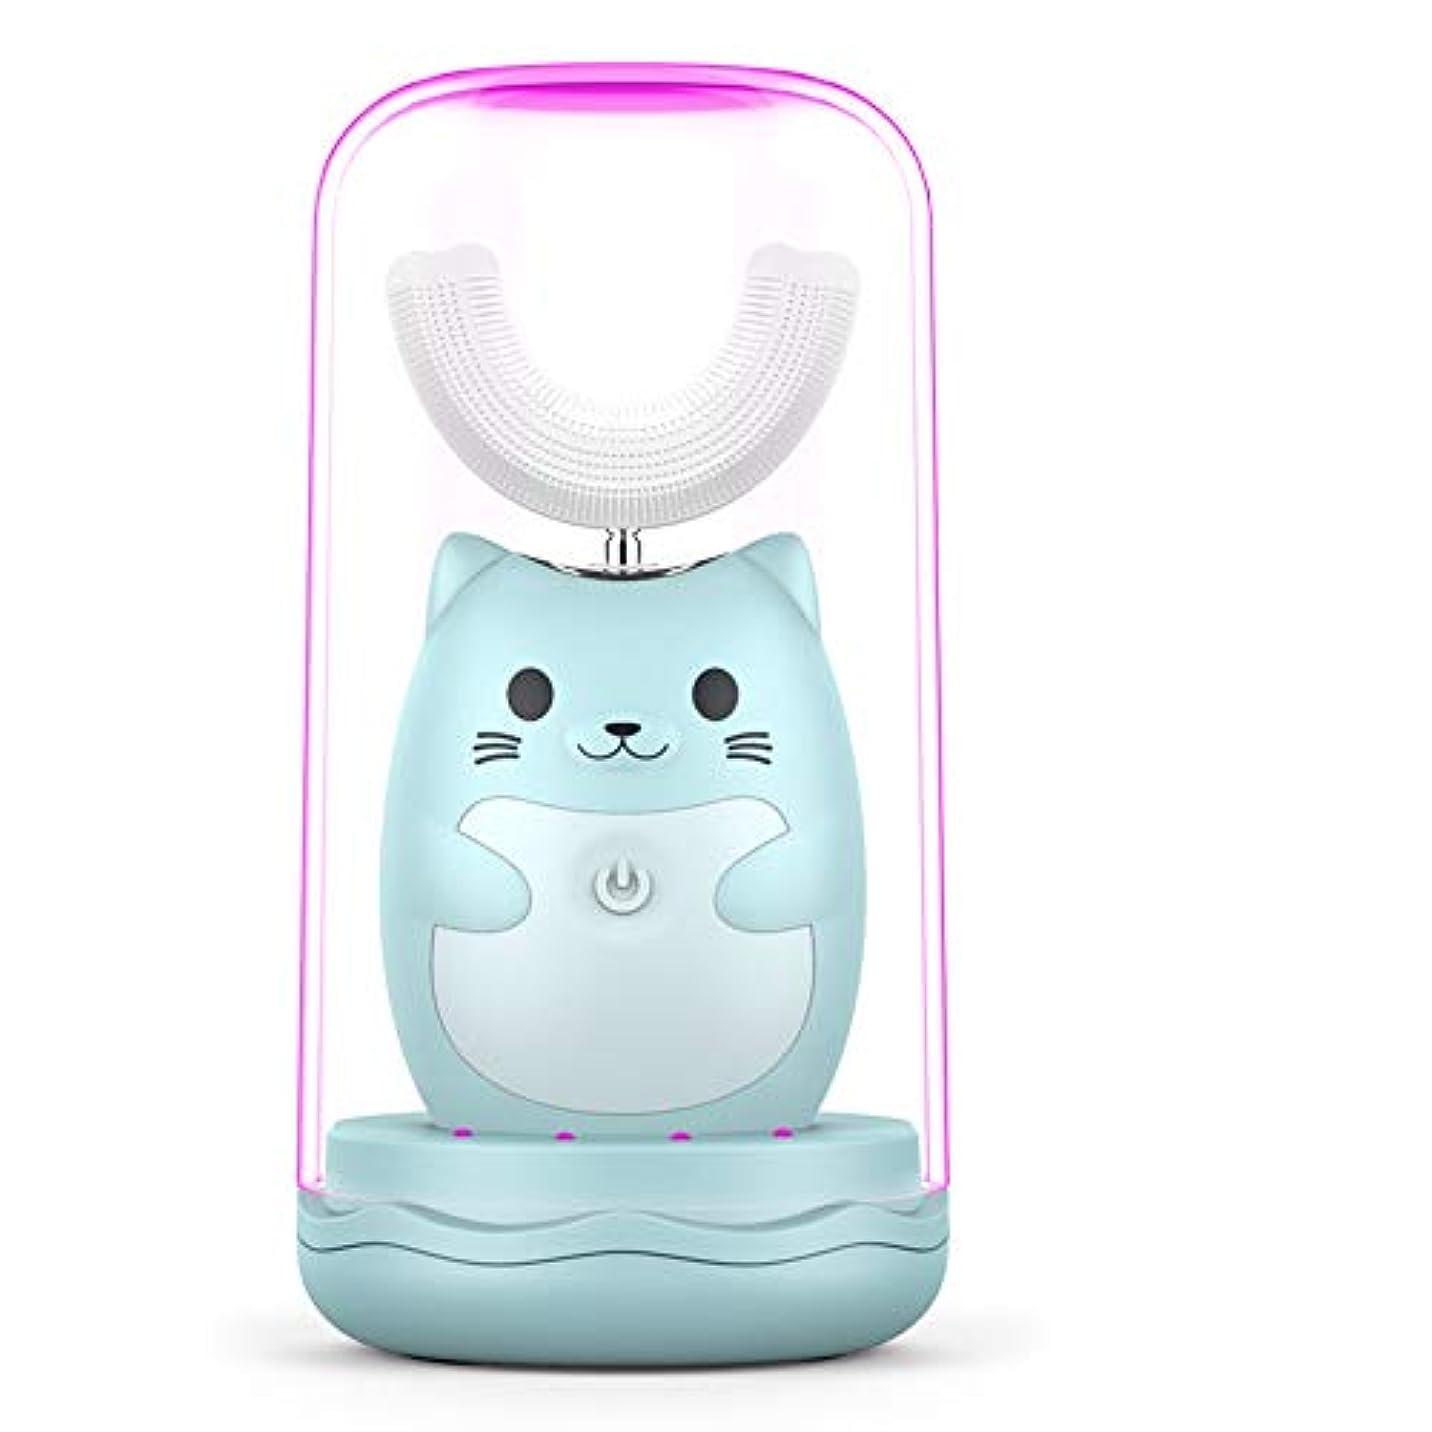 手のひらはっきりしない疎外する子供のスマート歯ブラシ、スマート音波歯ブラシ、バイオレット消毒、風乾機能、ワイヤレス充電、IP67防水、虫歯予防 U型 360°全方位